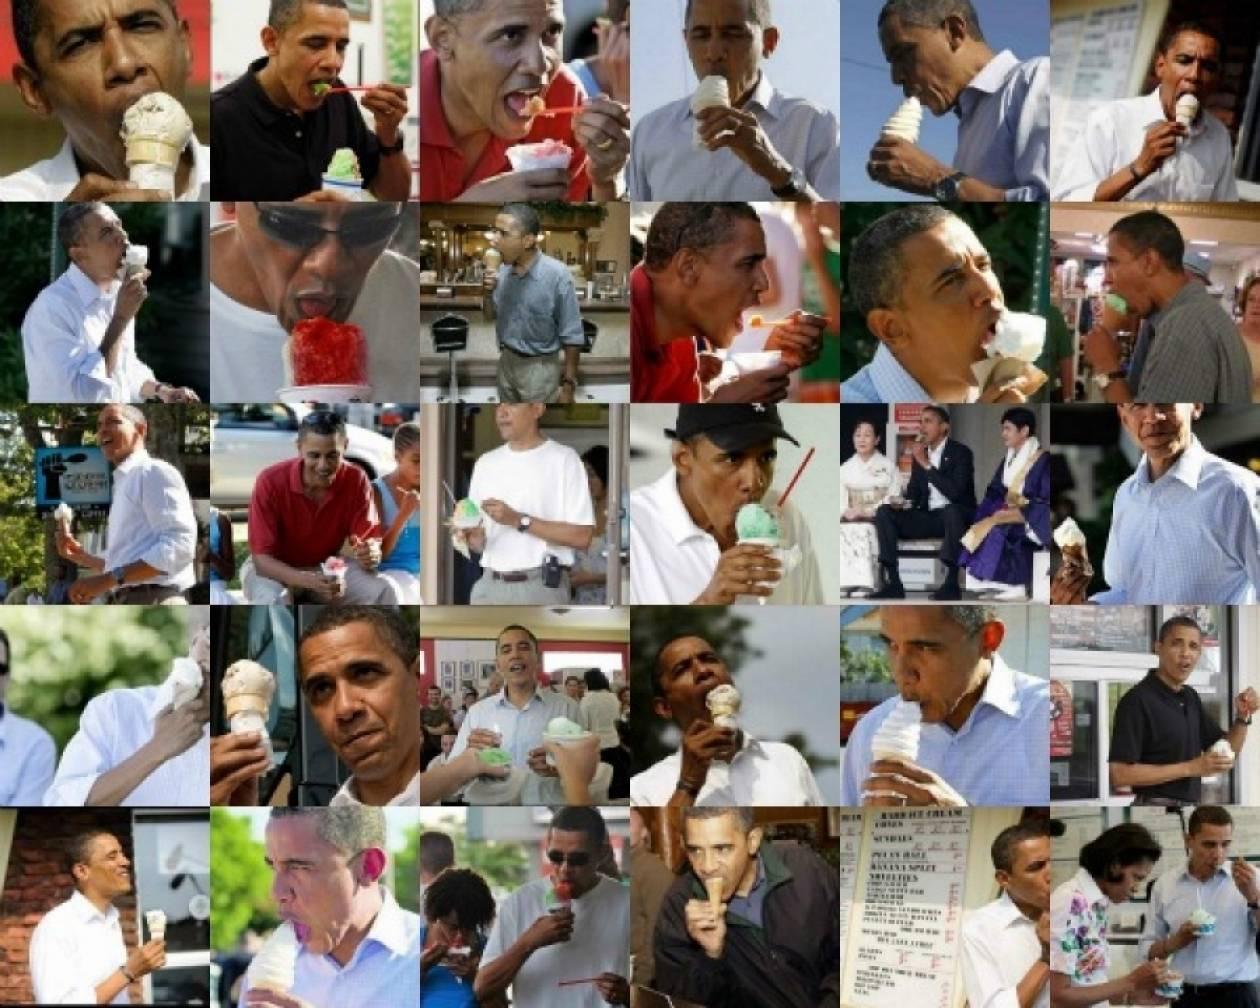 Όταν ο Obama τρώει παγωτό οι bloggers κάνουν… πάρτυ!